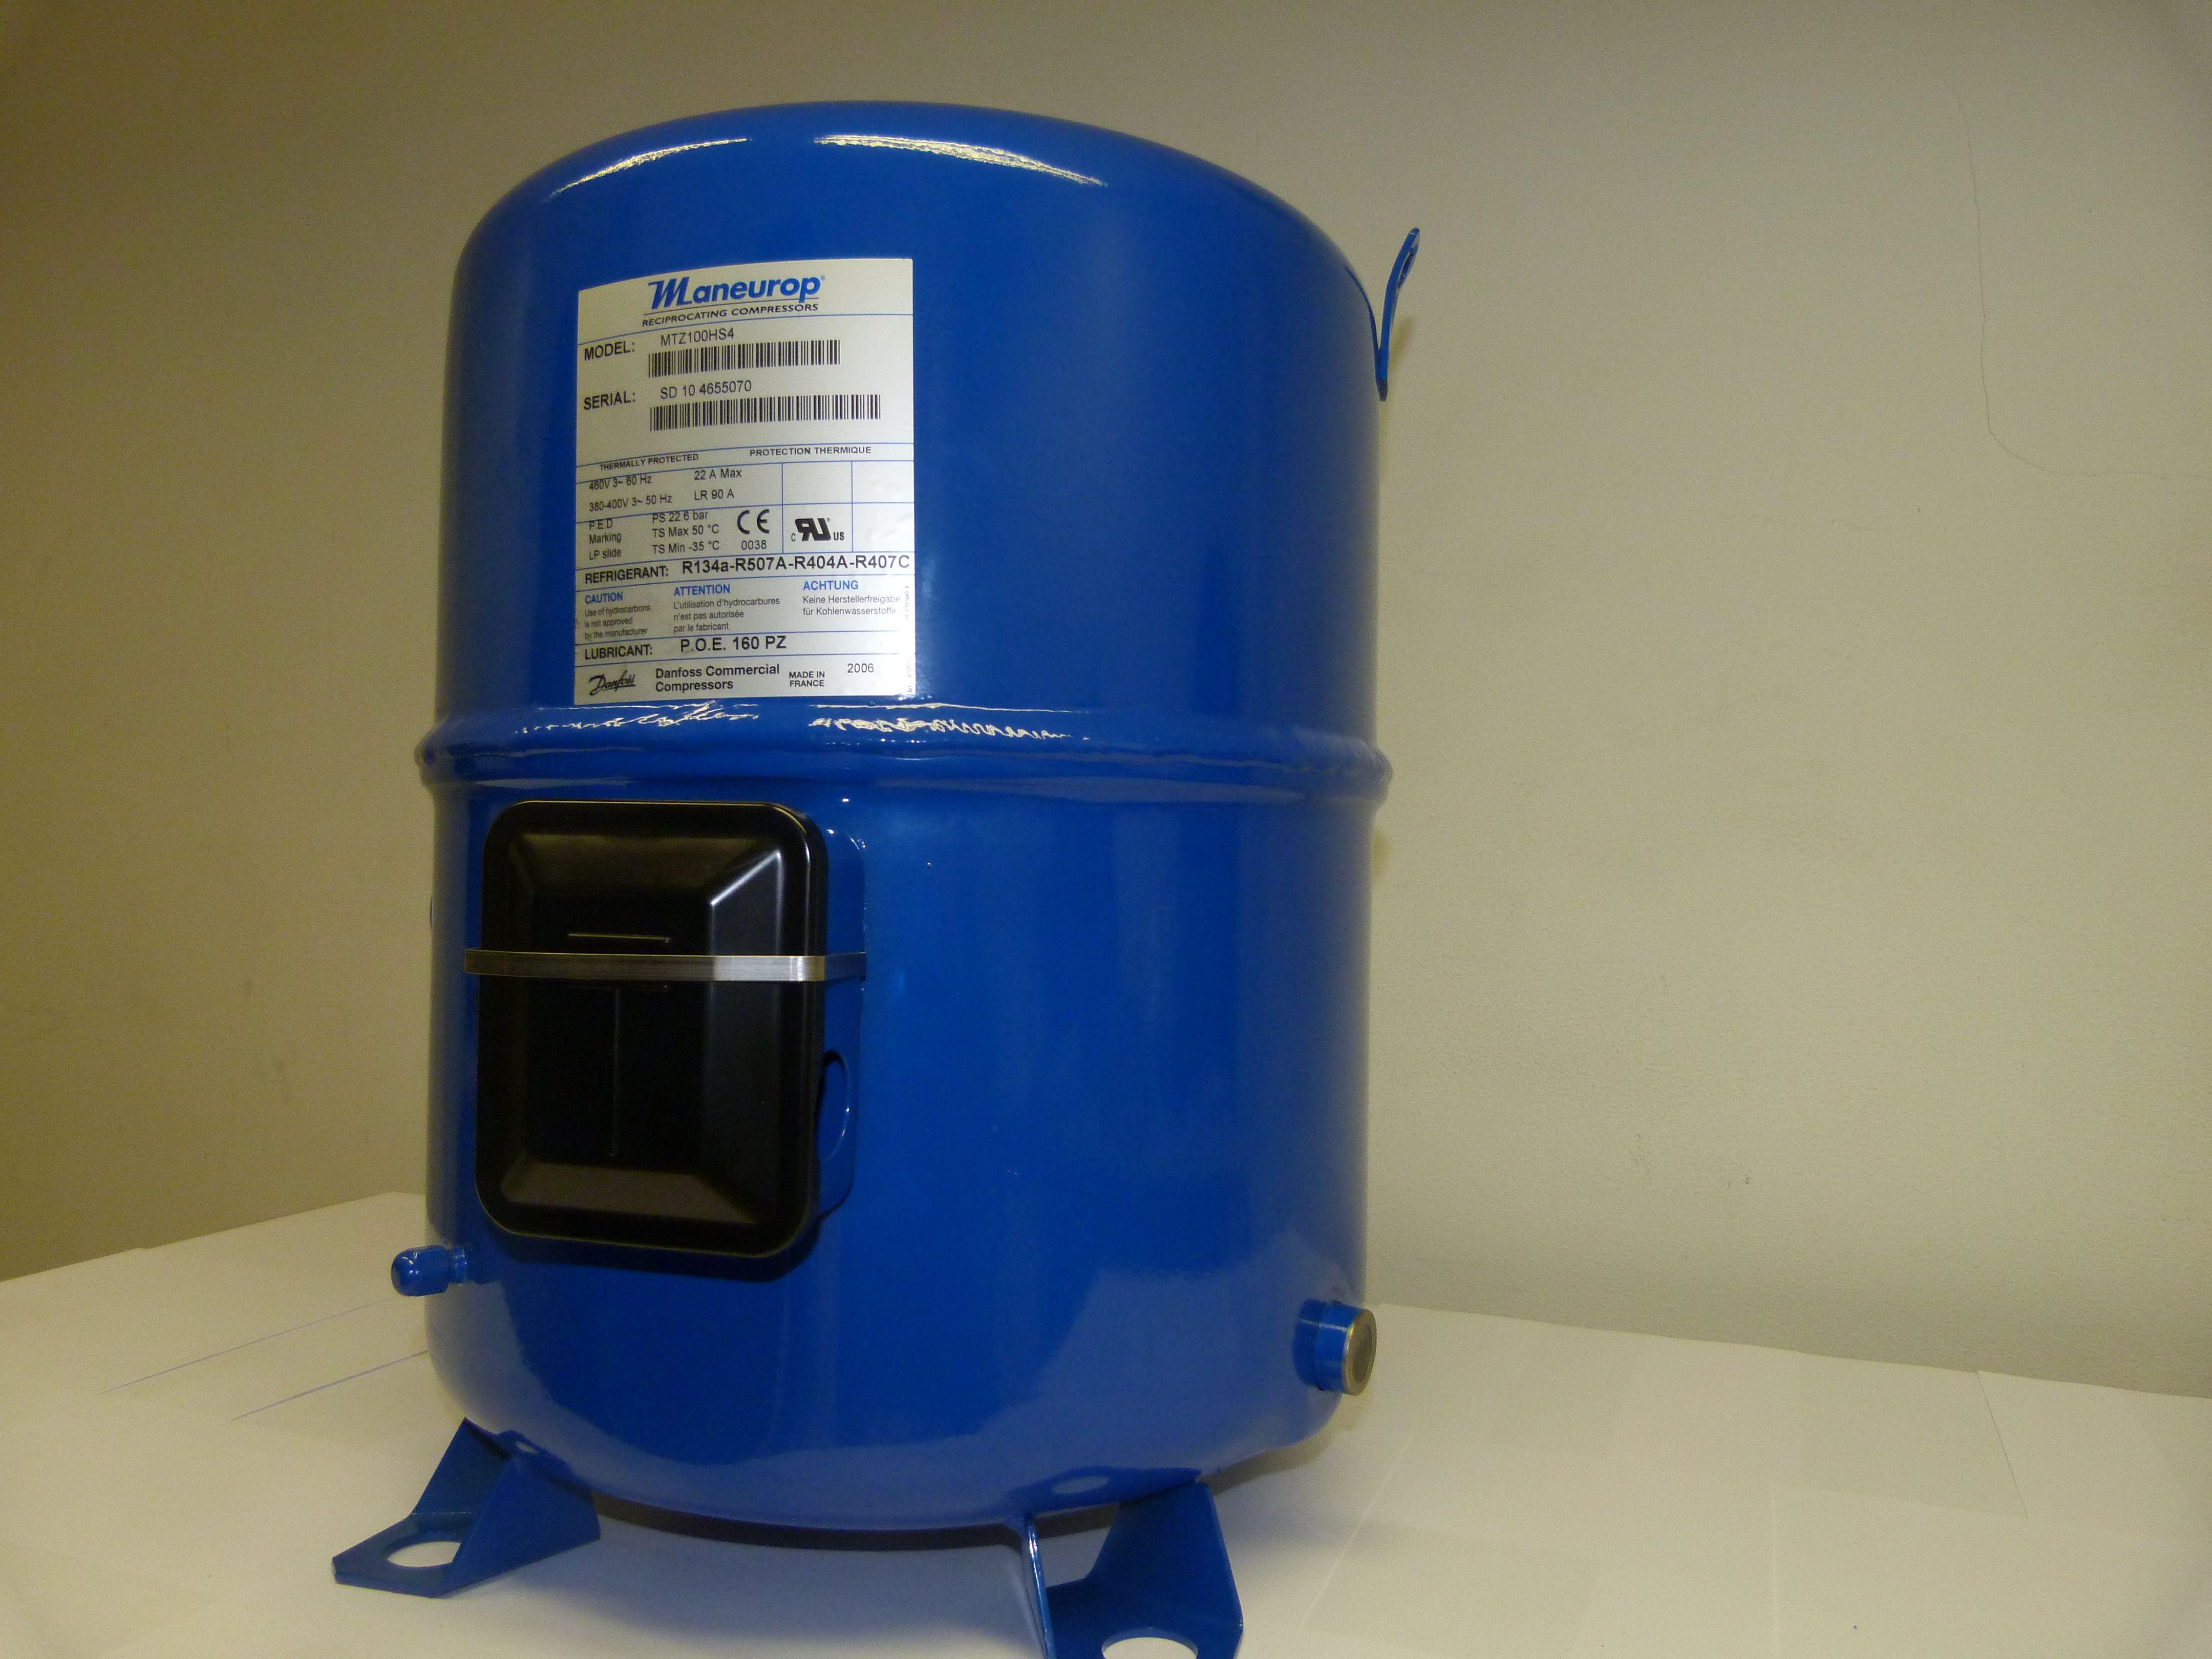 Maneurop Compressor Kitchen appliances